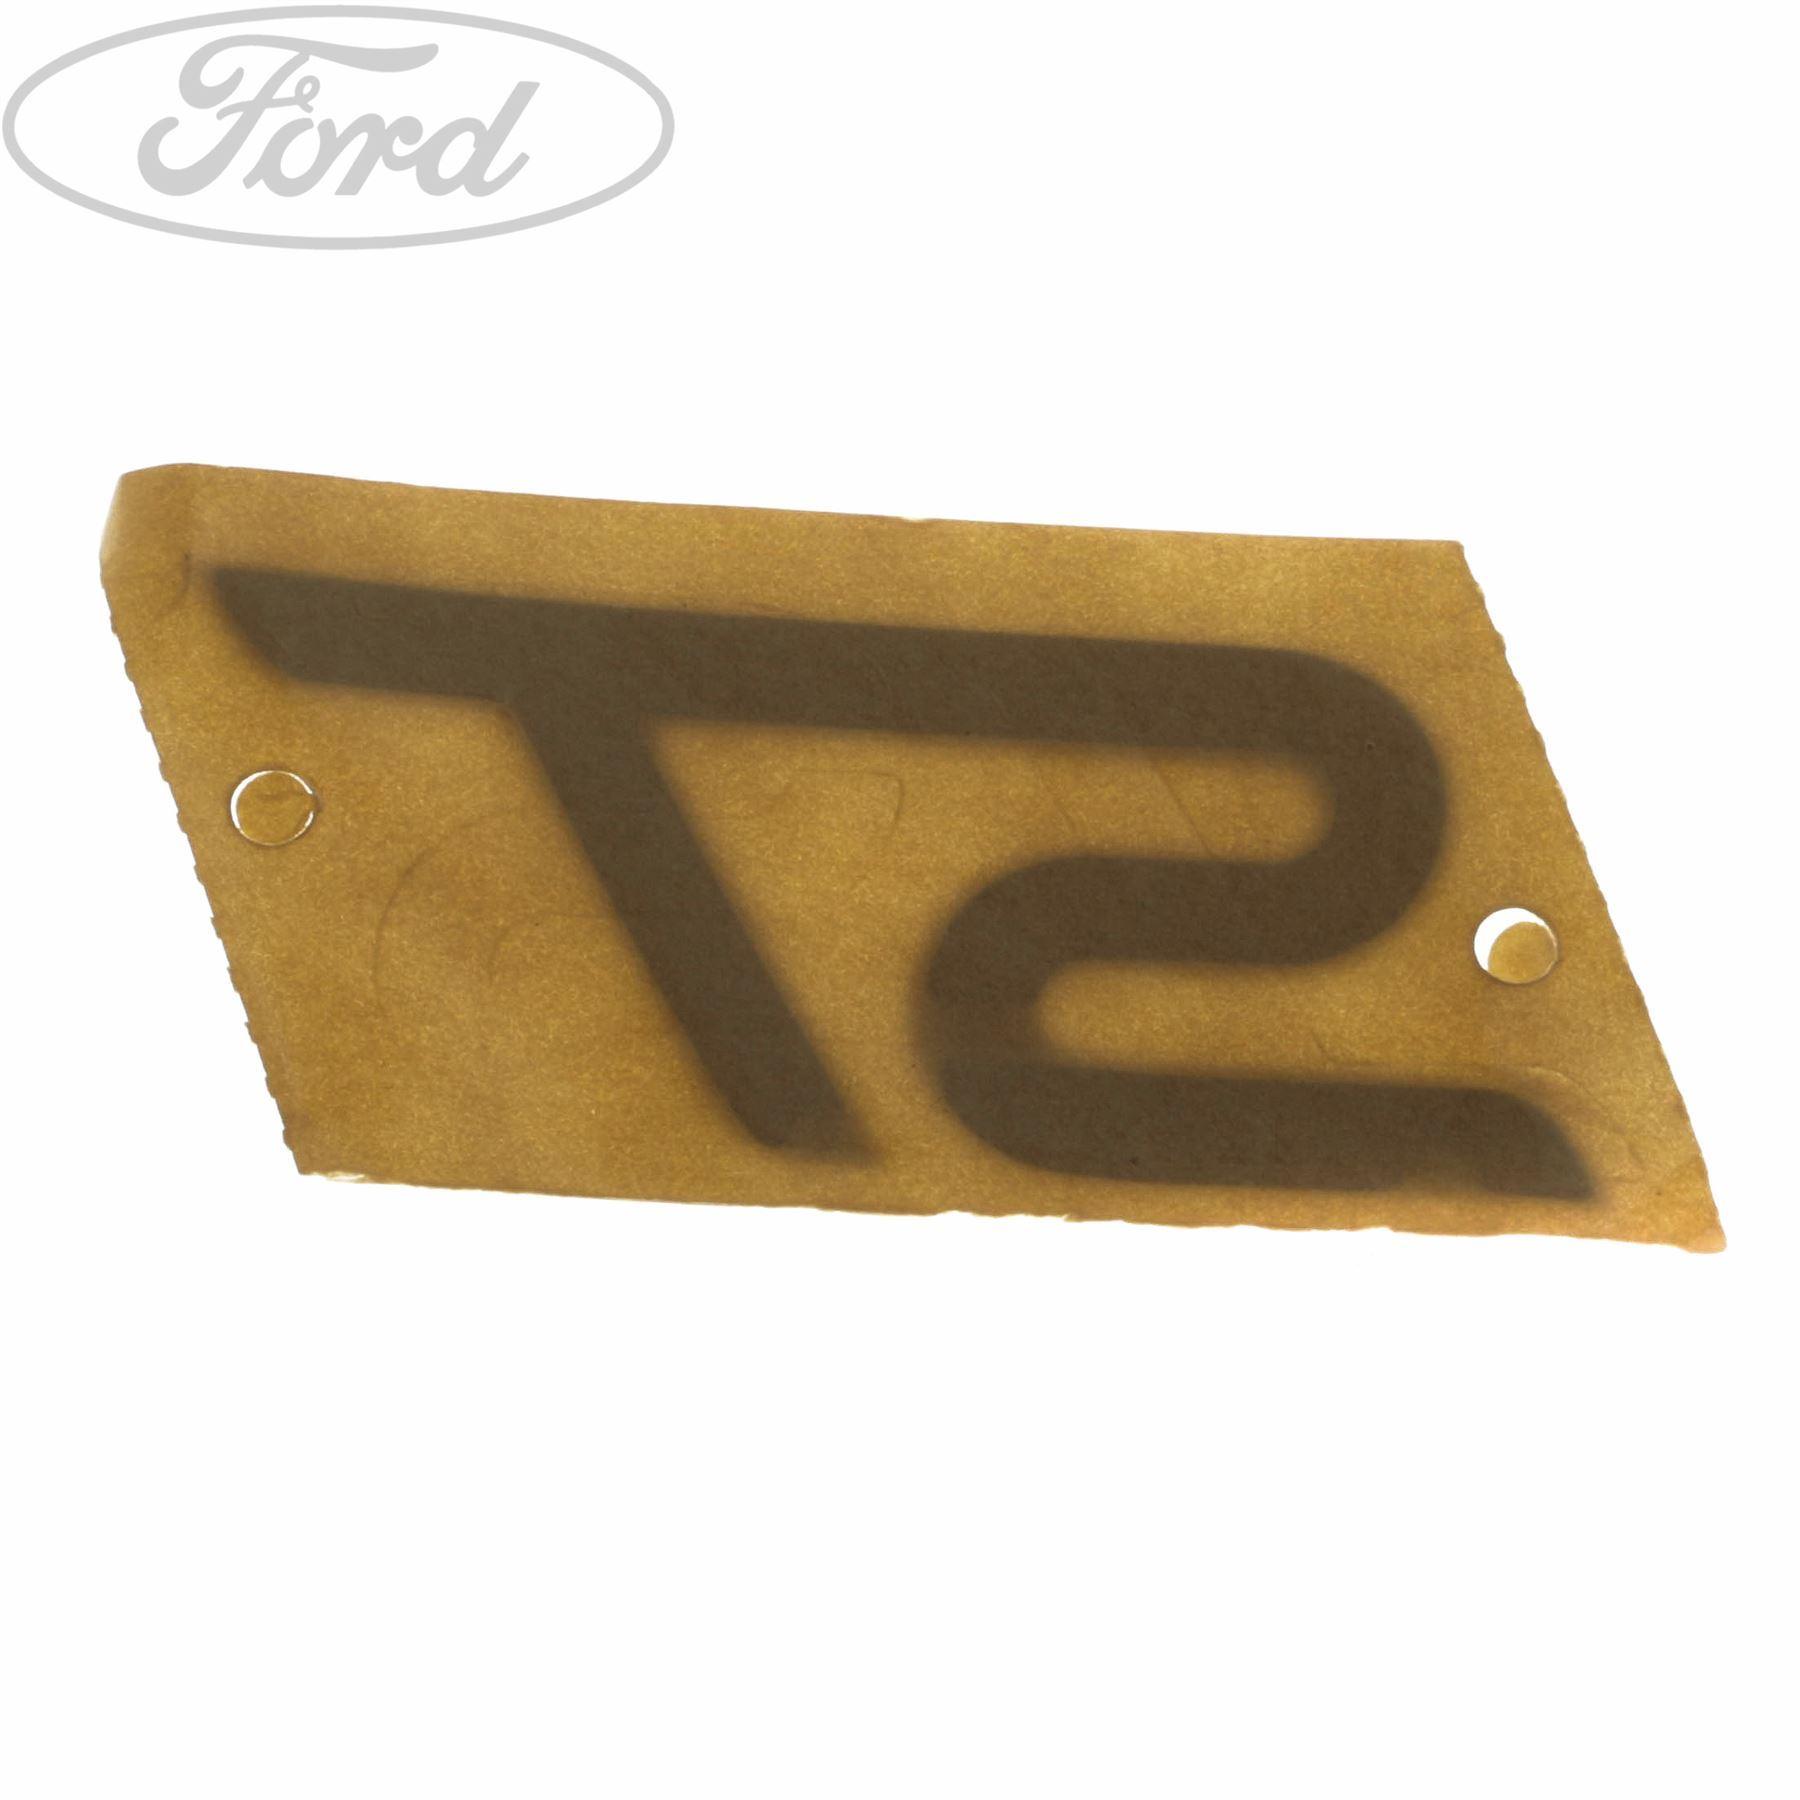 Genuine Ford Focus MK3 Fiesta VI ST Front Grille Name Plate Badge Emblem  1748488